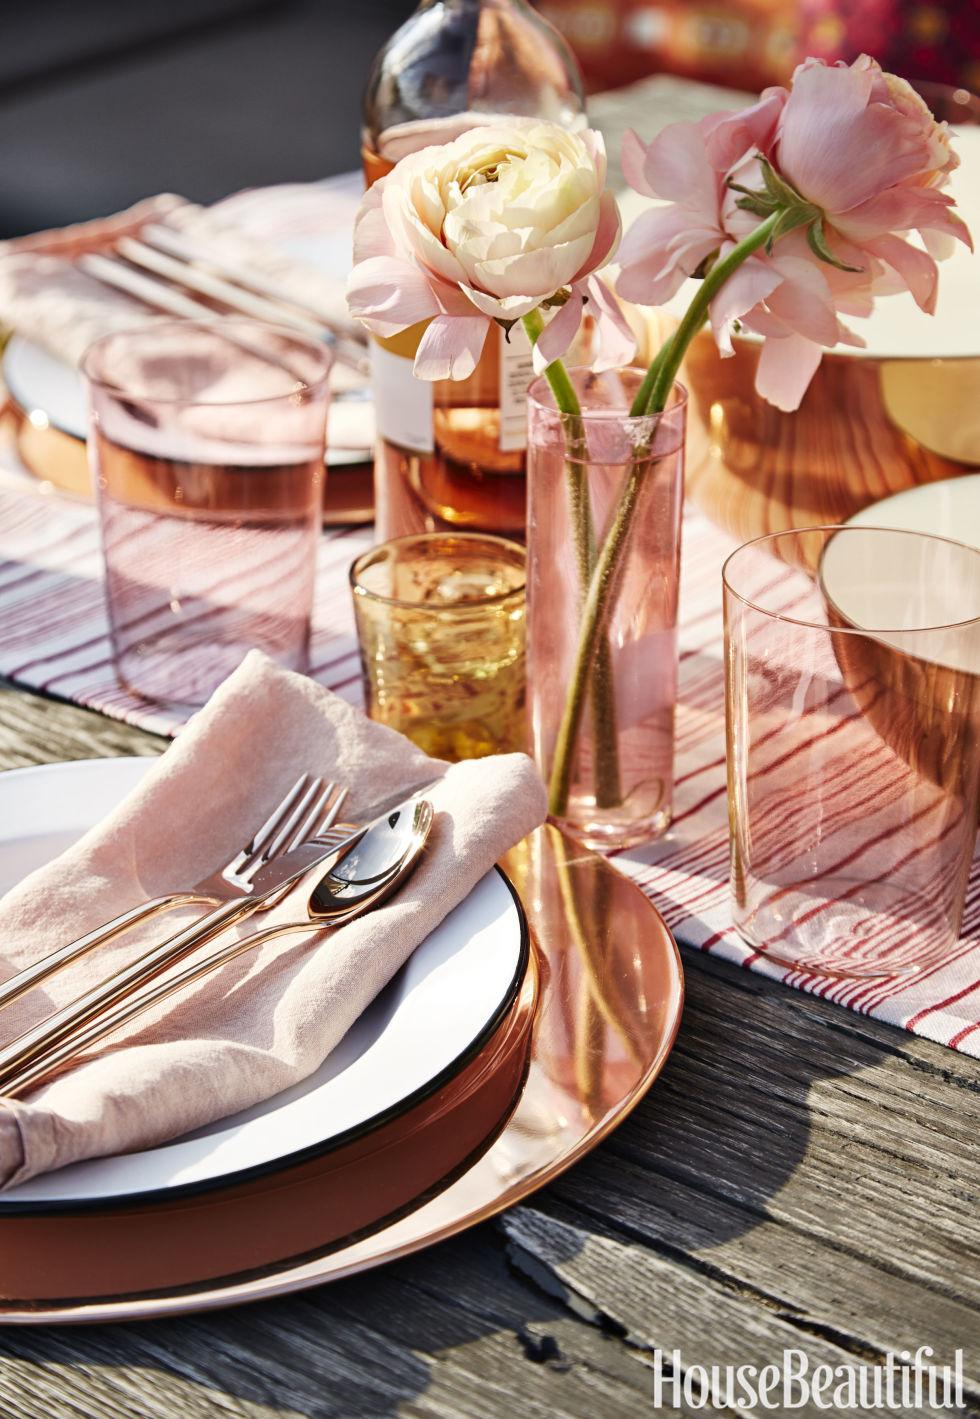 Tablescape Ideas 50+ table setting decorations & centerpieces – best tablescape ideas